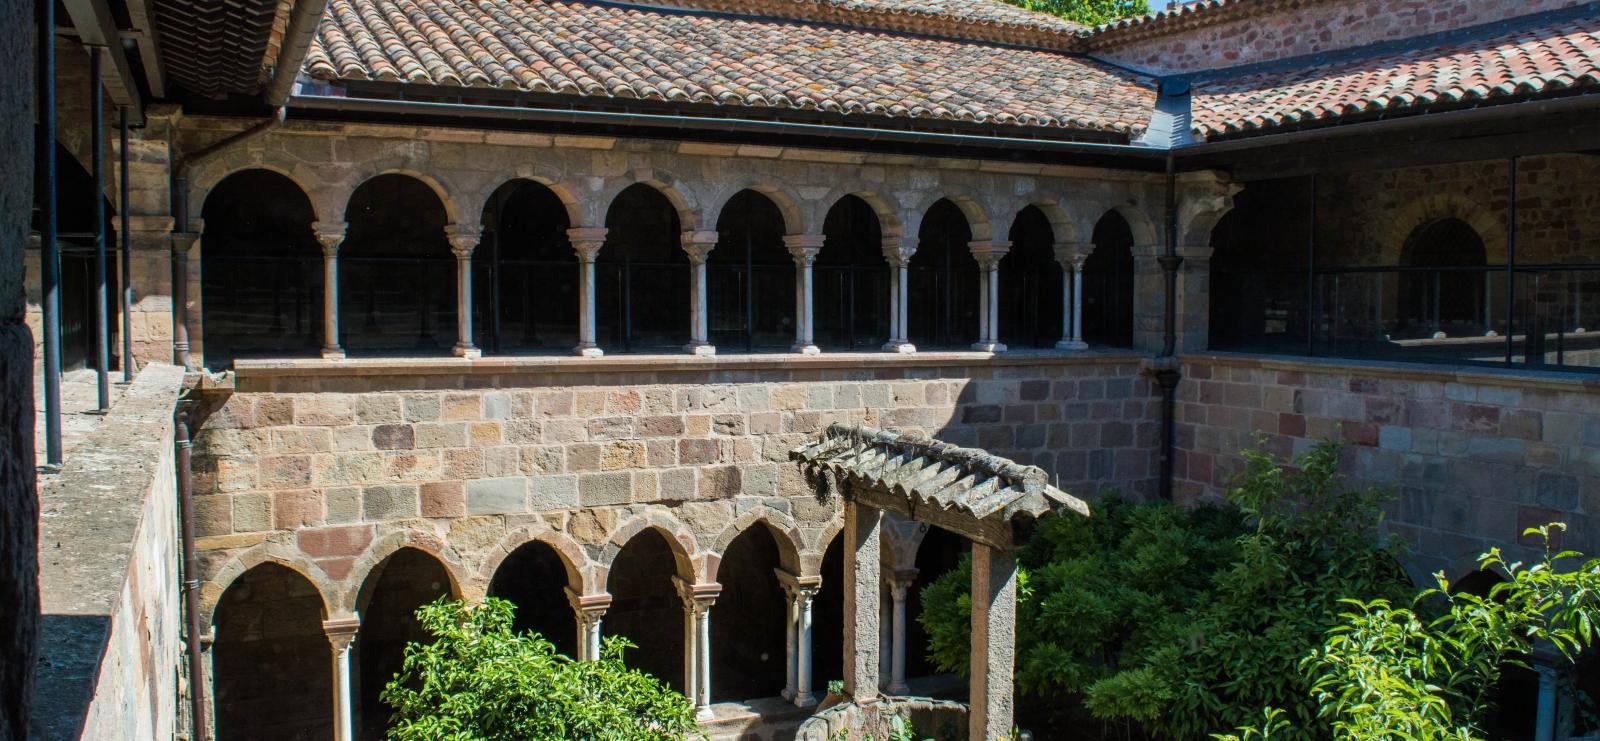 Le cloître de la Cathédrale de Fréjus